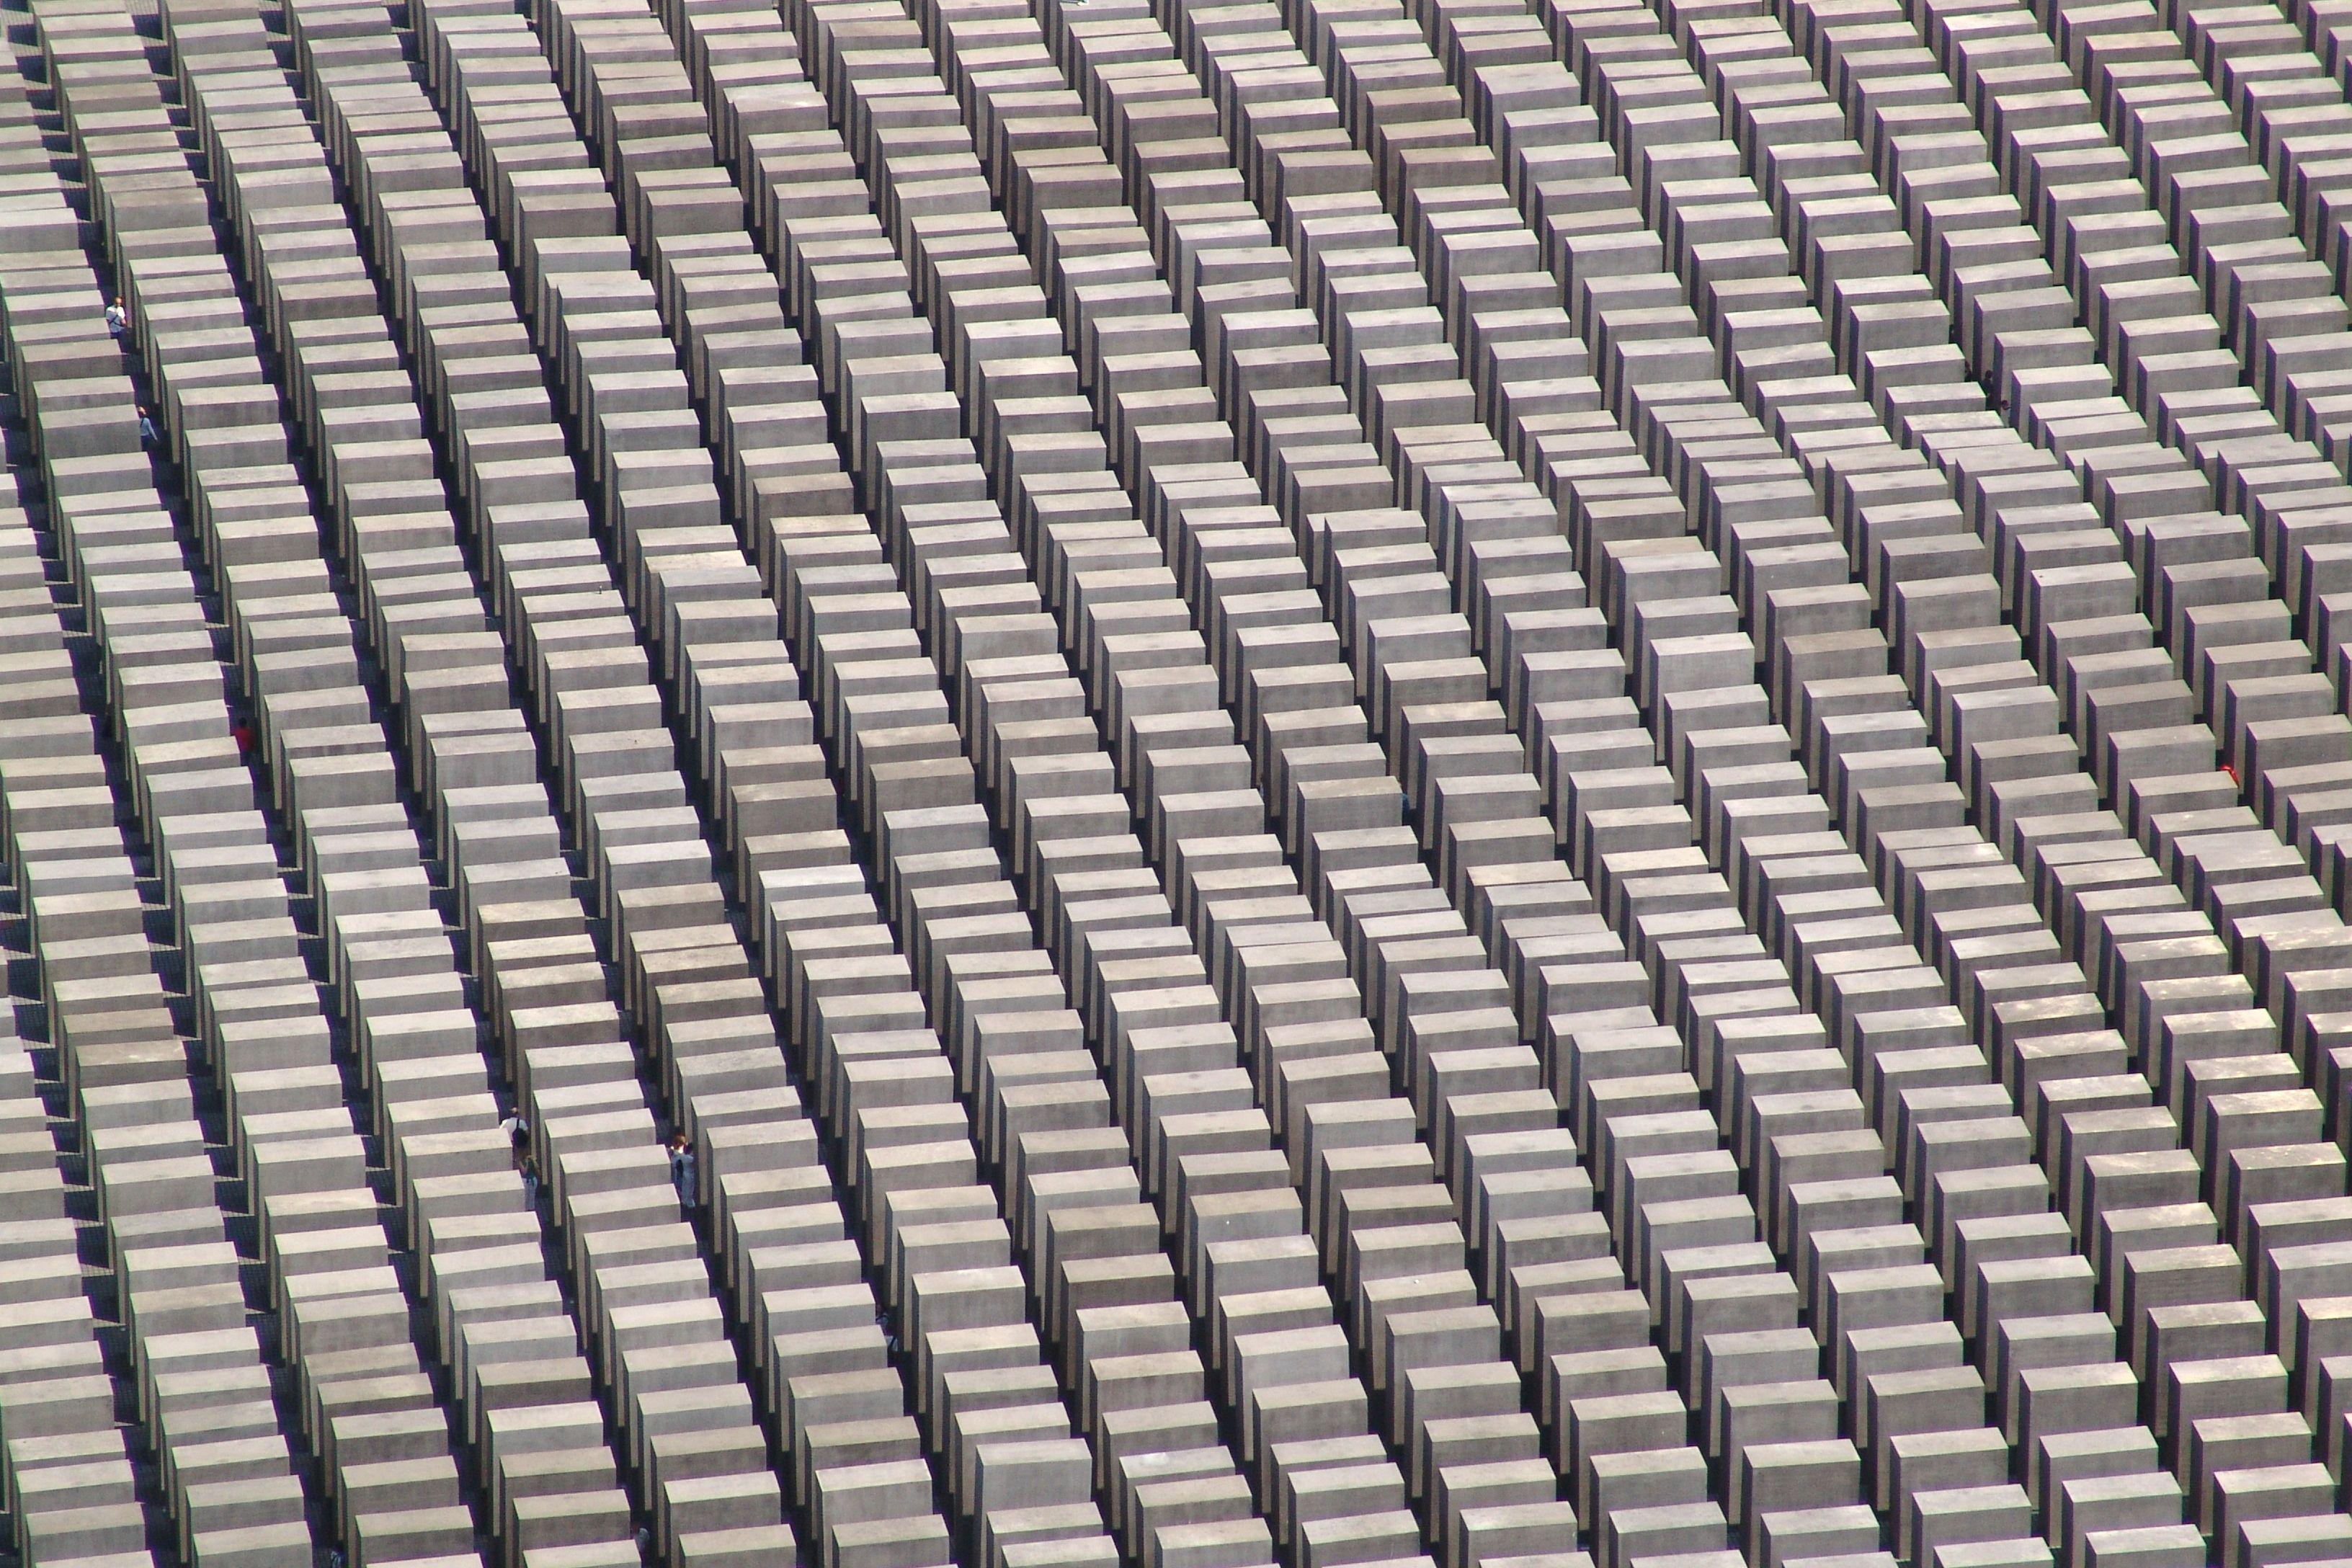 vue aérienne de mémoire, des centaines de formes semblables en apparence cercueil de différentes hauteurs, mais apparemment des longueurs semblables, formant des rangées lorsque alignés